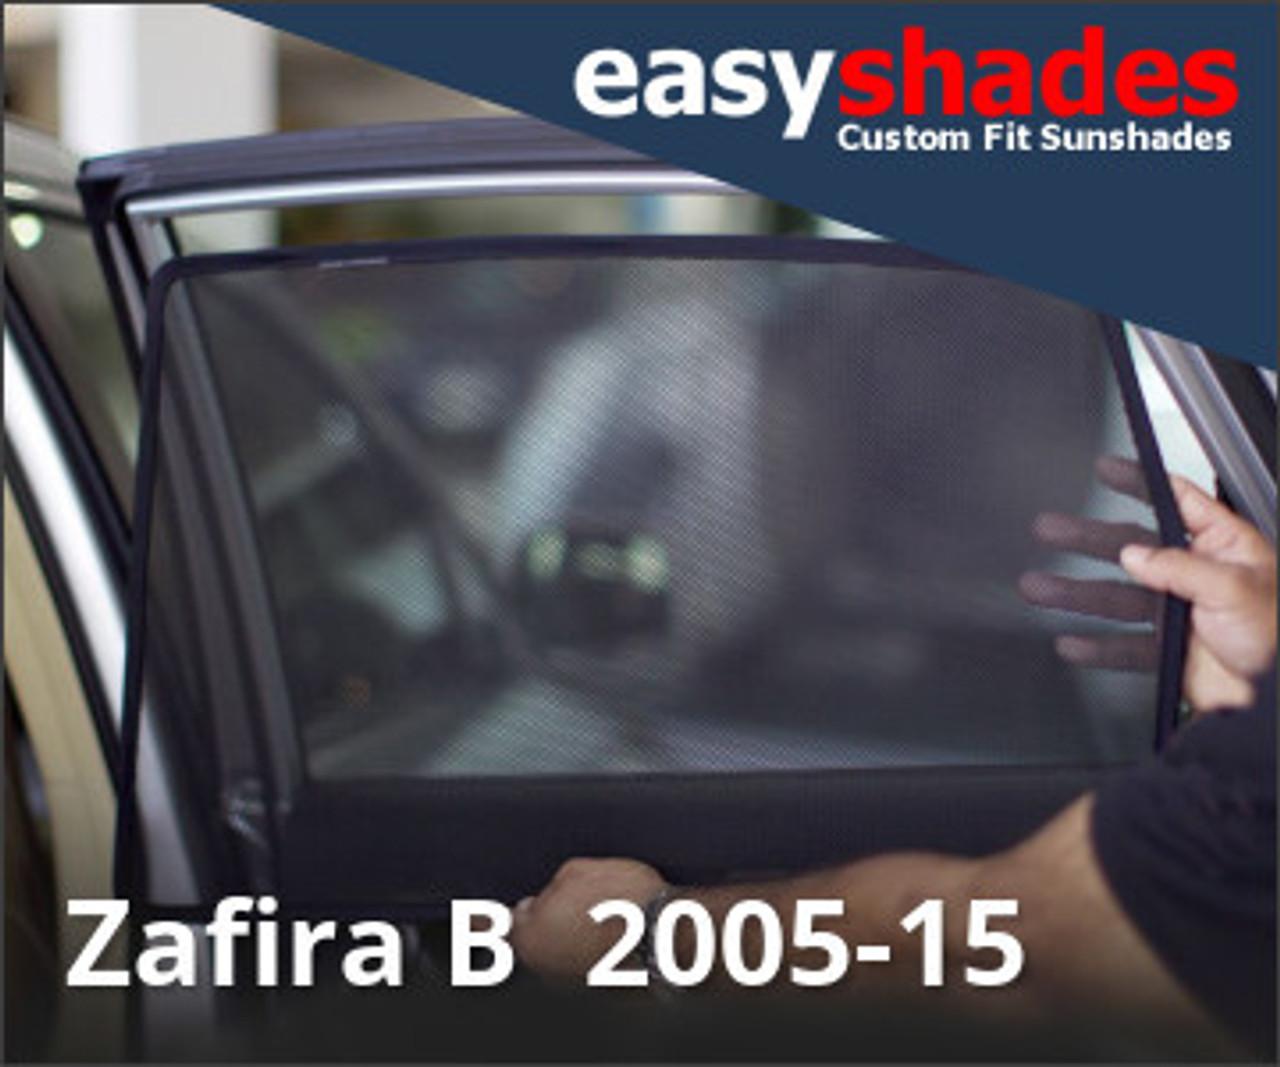 Zafira B 2005-15